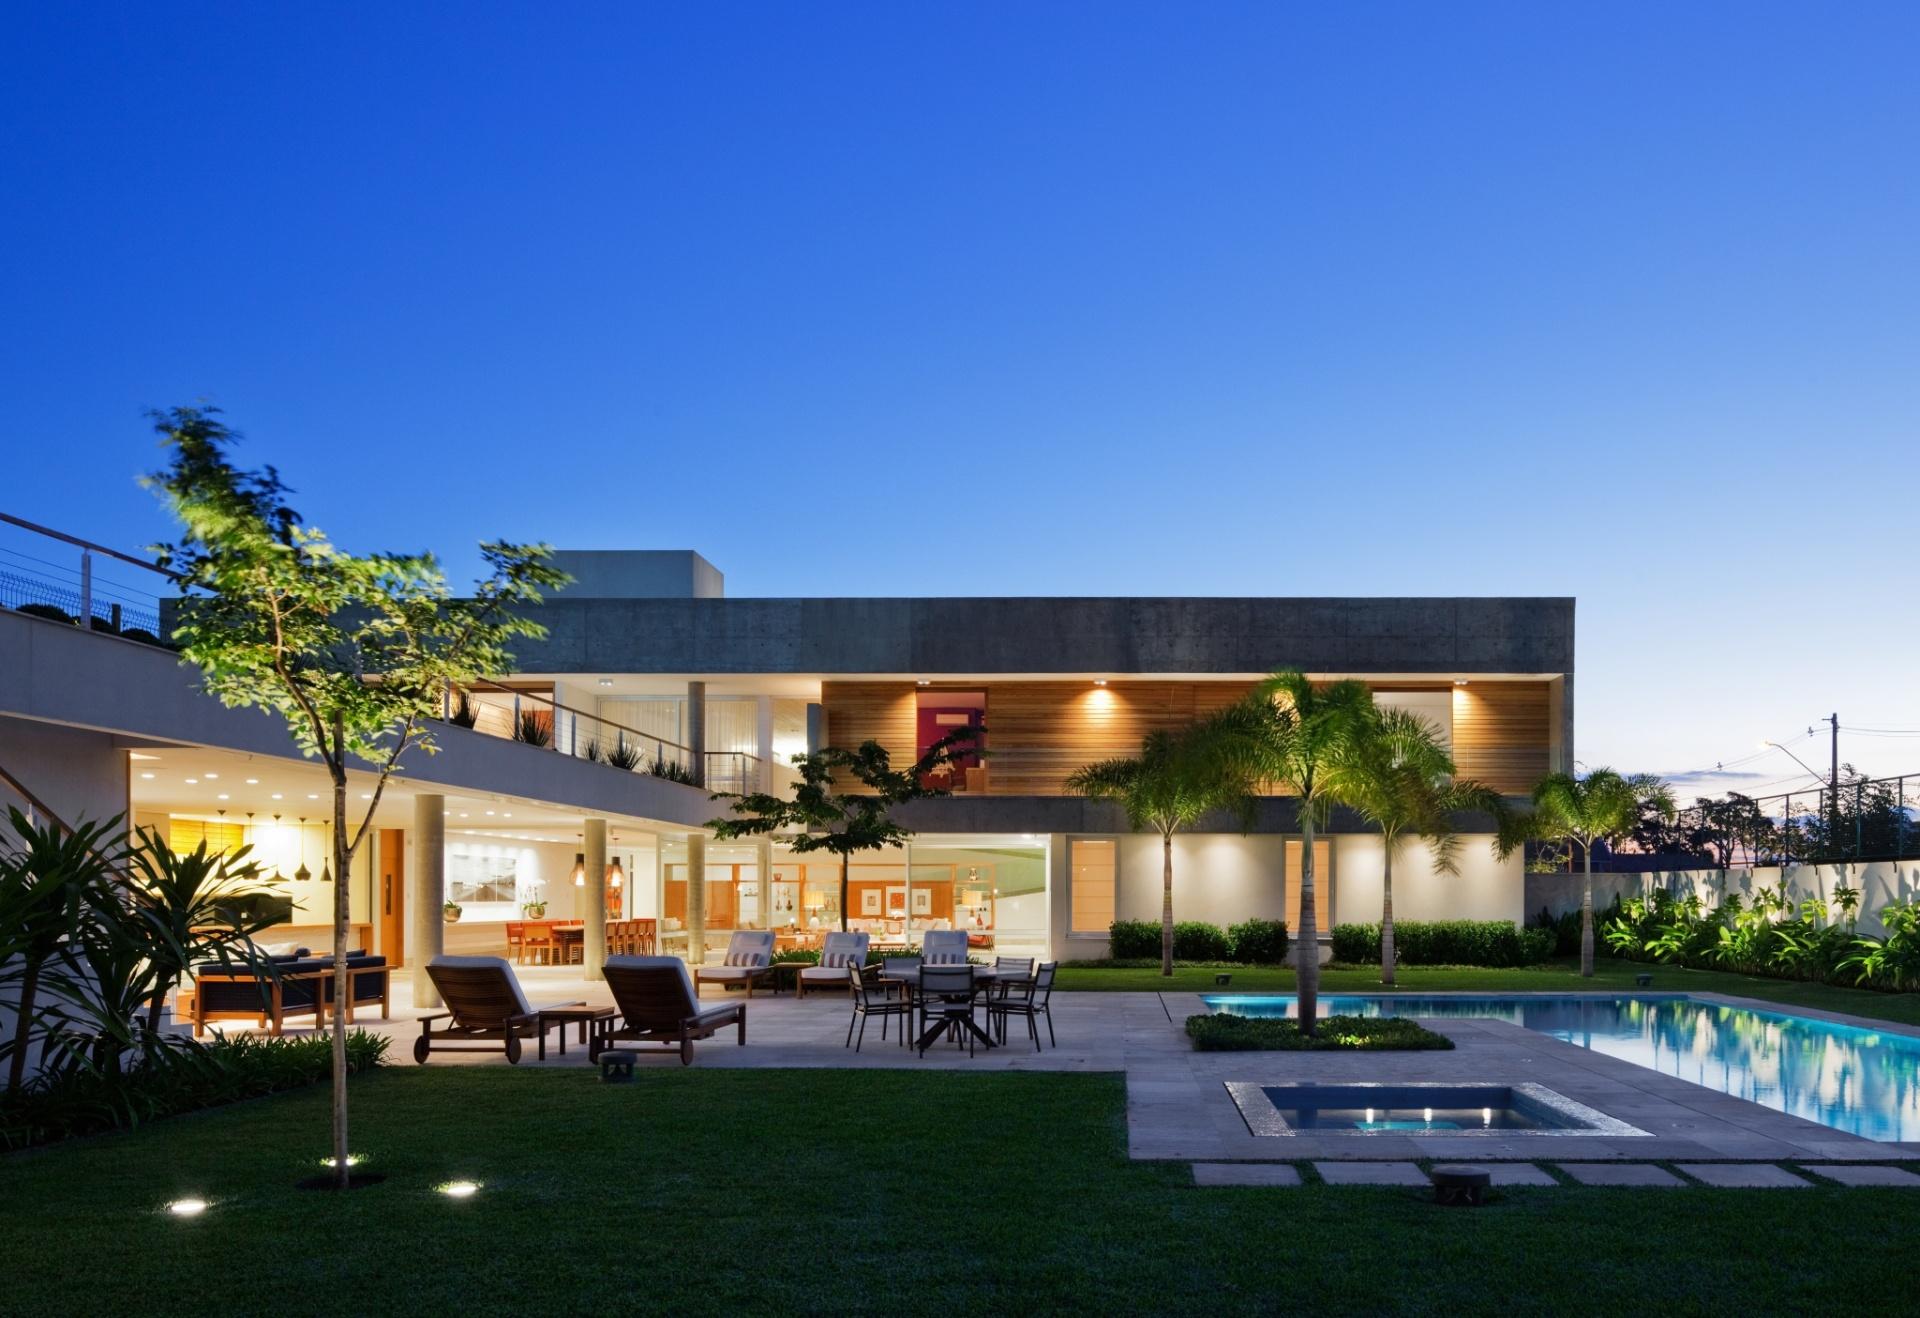 Ao anoitecer, a Casa FG, projetada pelo escritório Reinach Mendonça Arquitetos Associados, se enche de luz tanto nos interiores quanto na fachada e nos jardins, incluindo a piscina